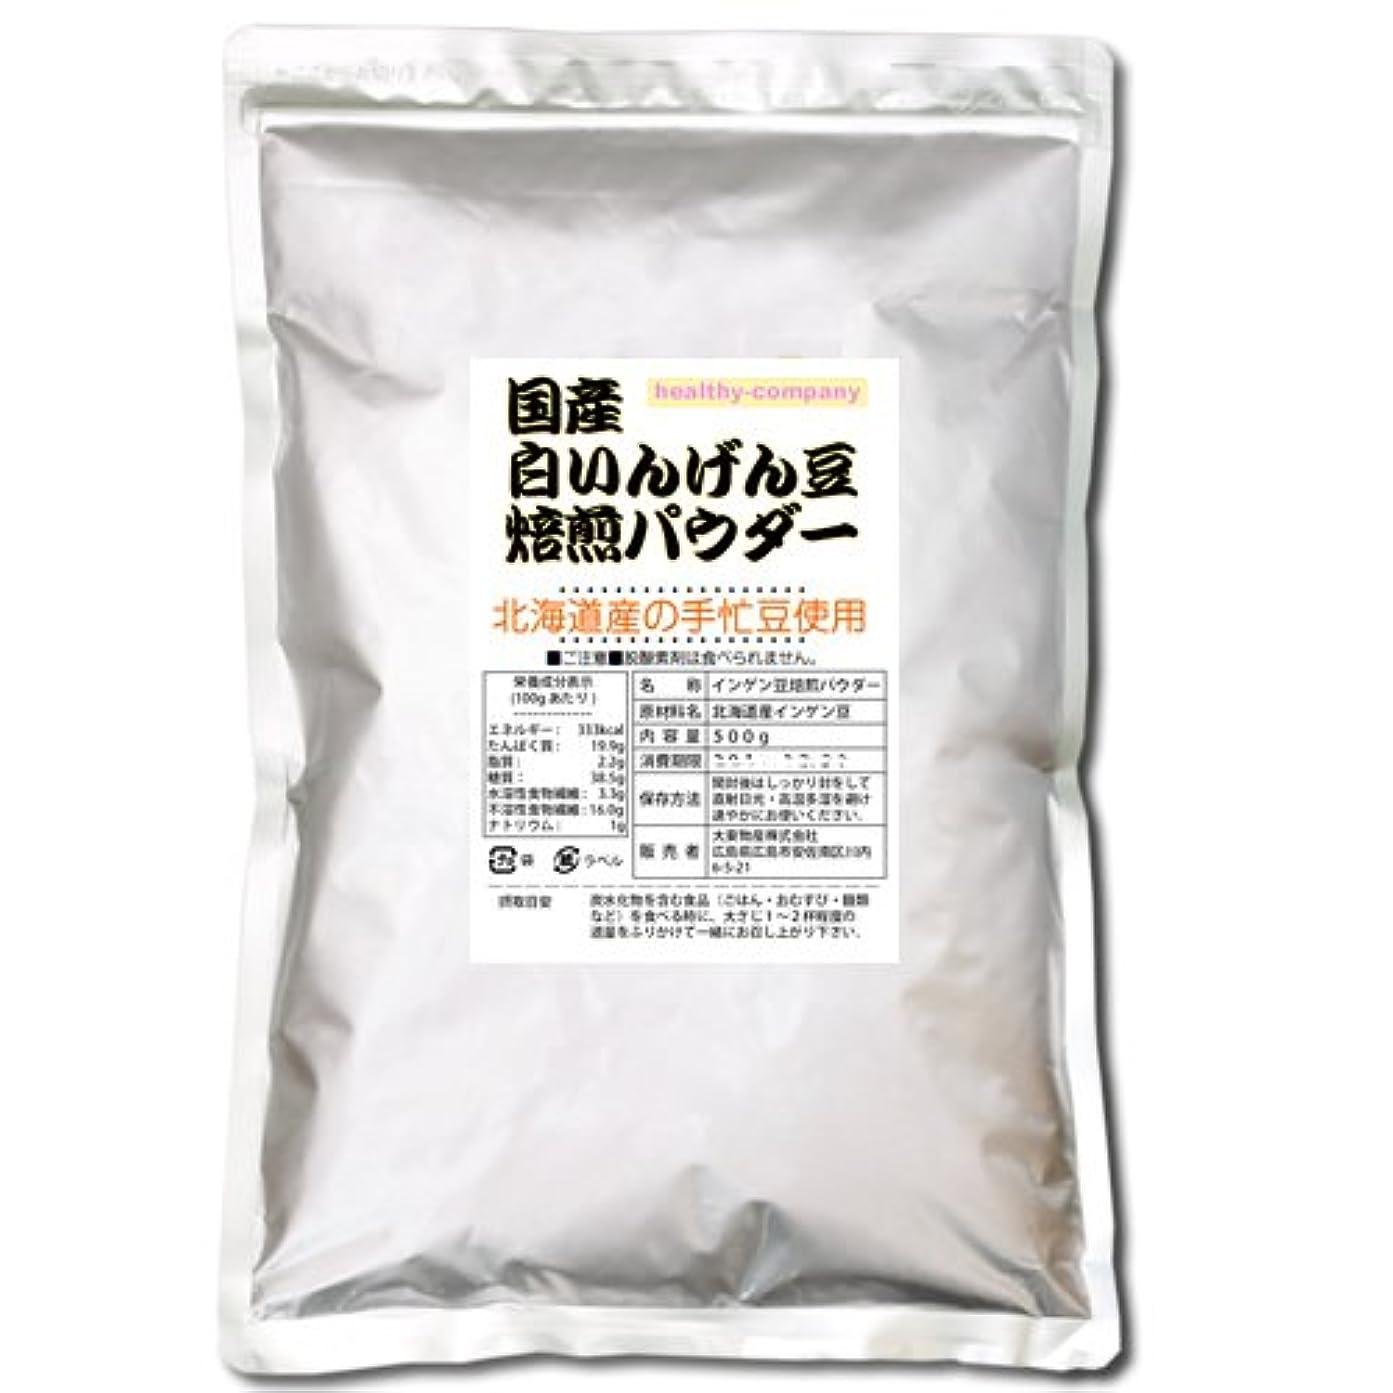 熟読鑑定食事を調理する北海道産白いんげん豆パウダー500g(焙煎済み) ファセオラミンダイエット